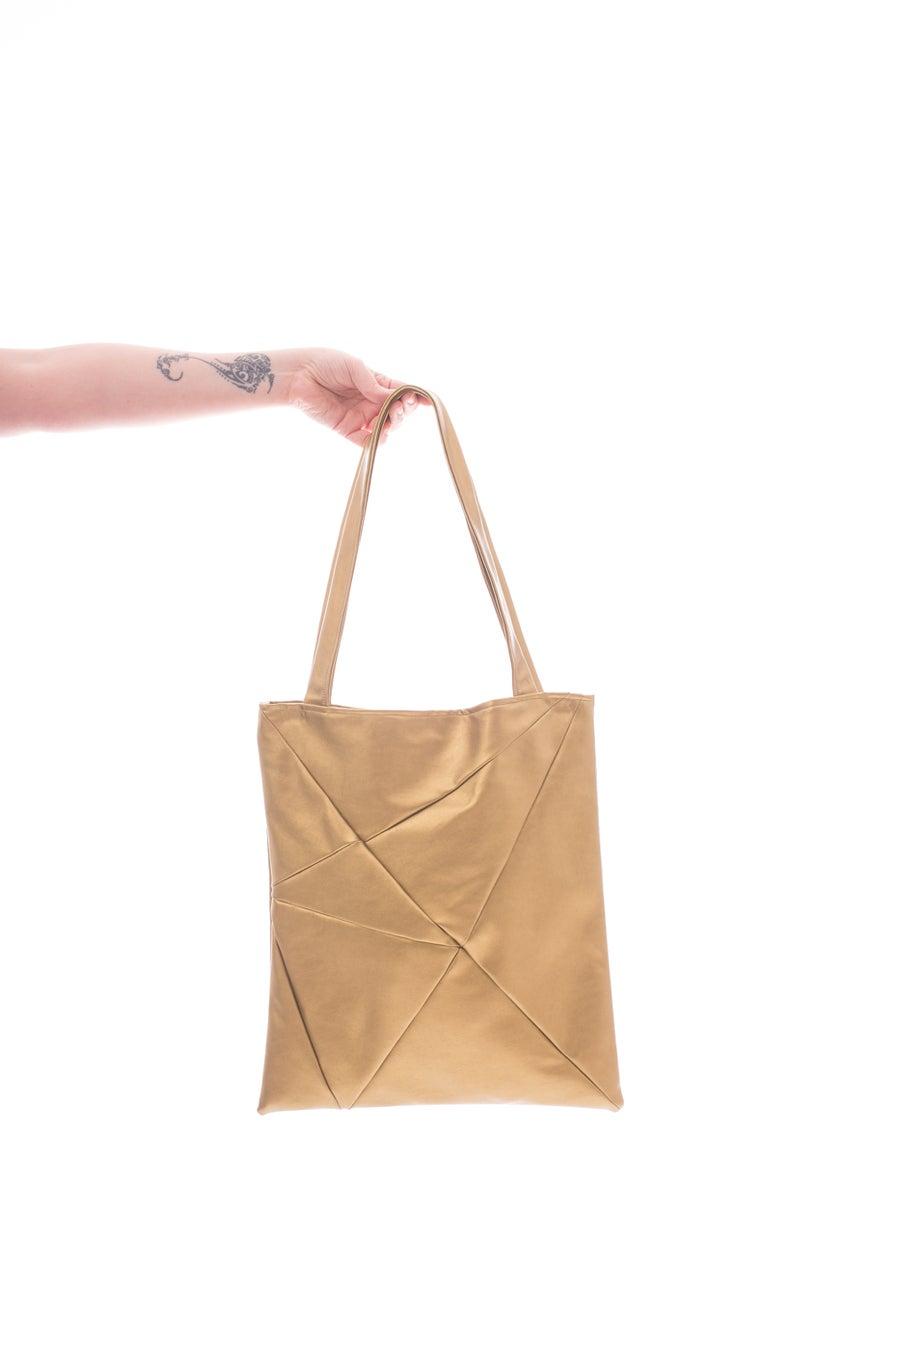 Image of GEO Bag metallic gold